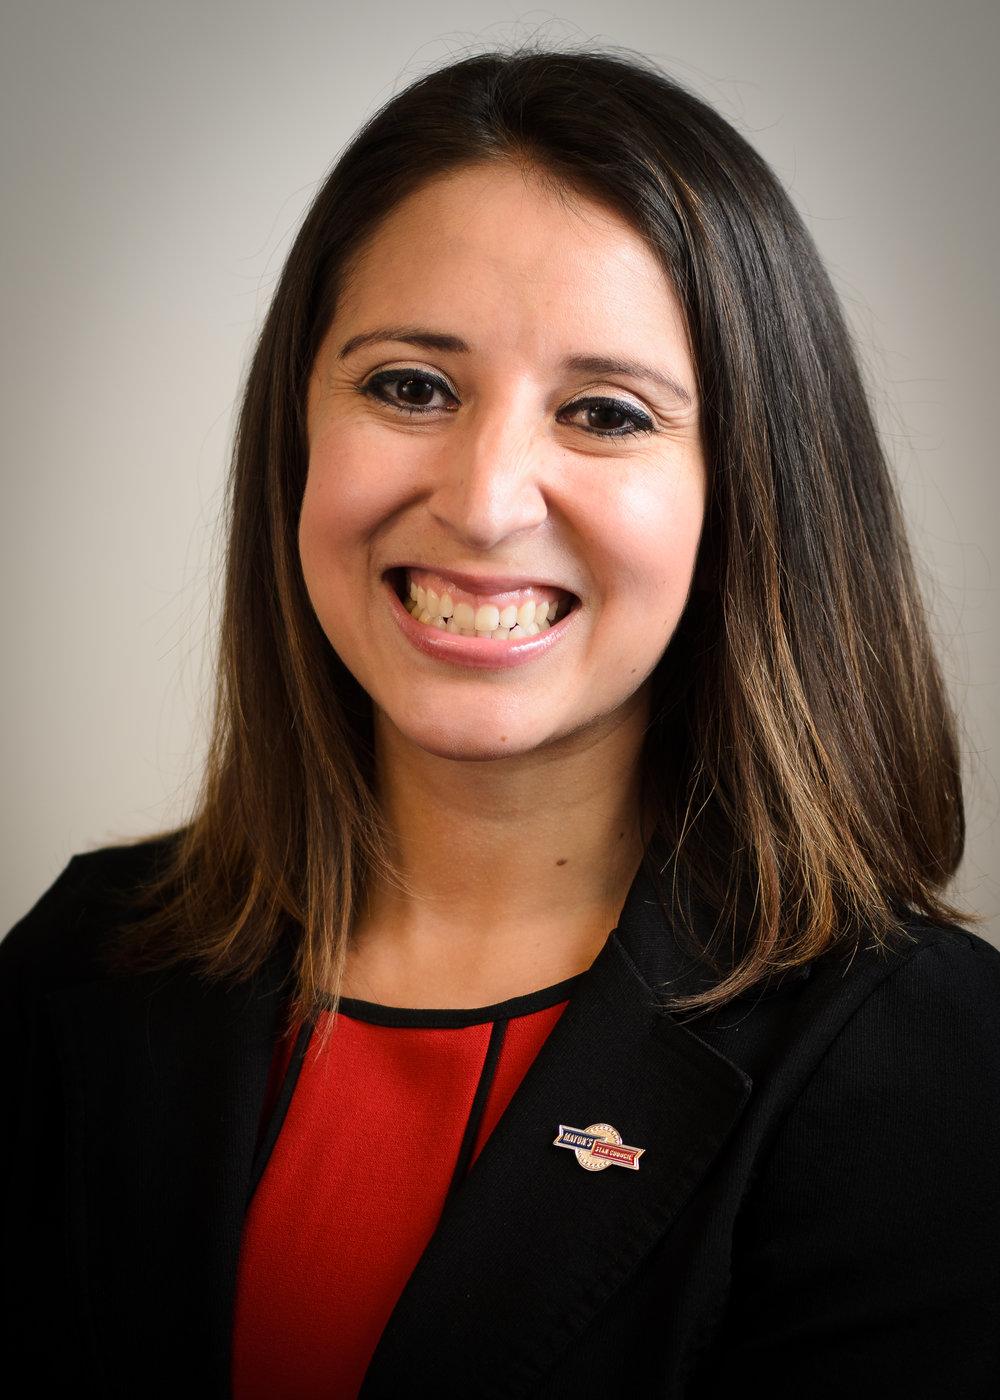 Sasha Moreno